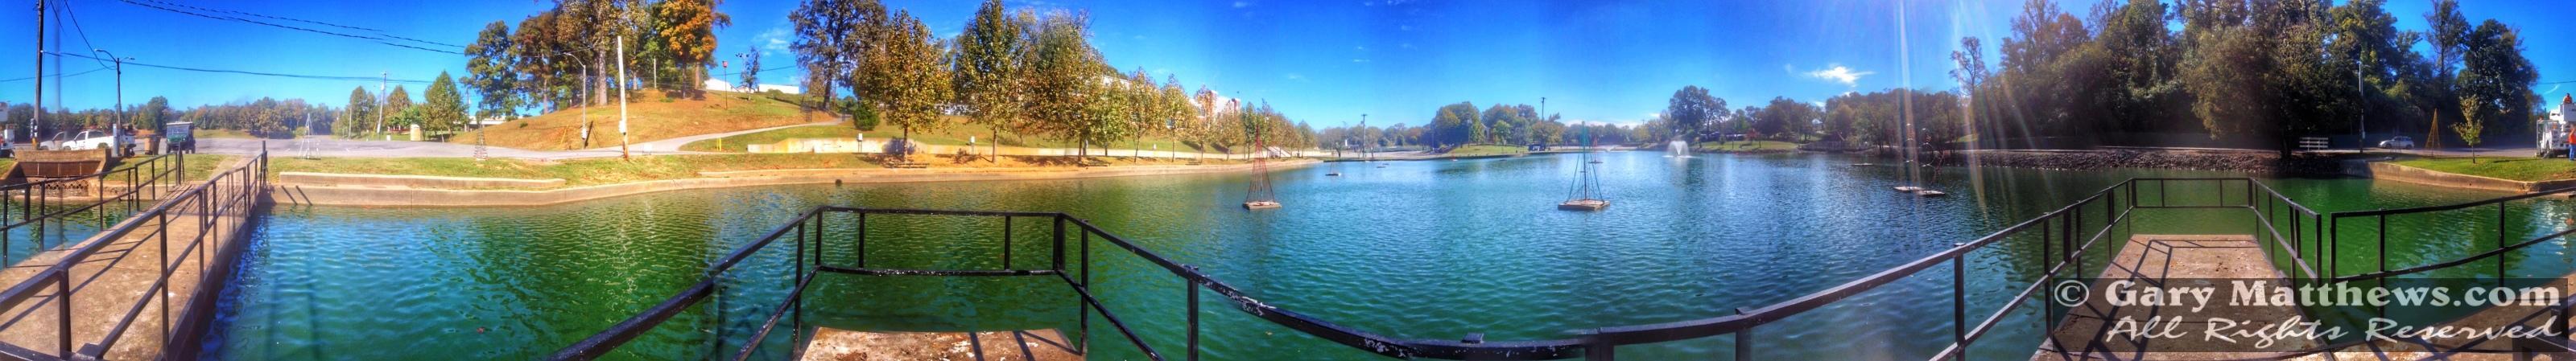 Chilhowee Park Pond